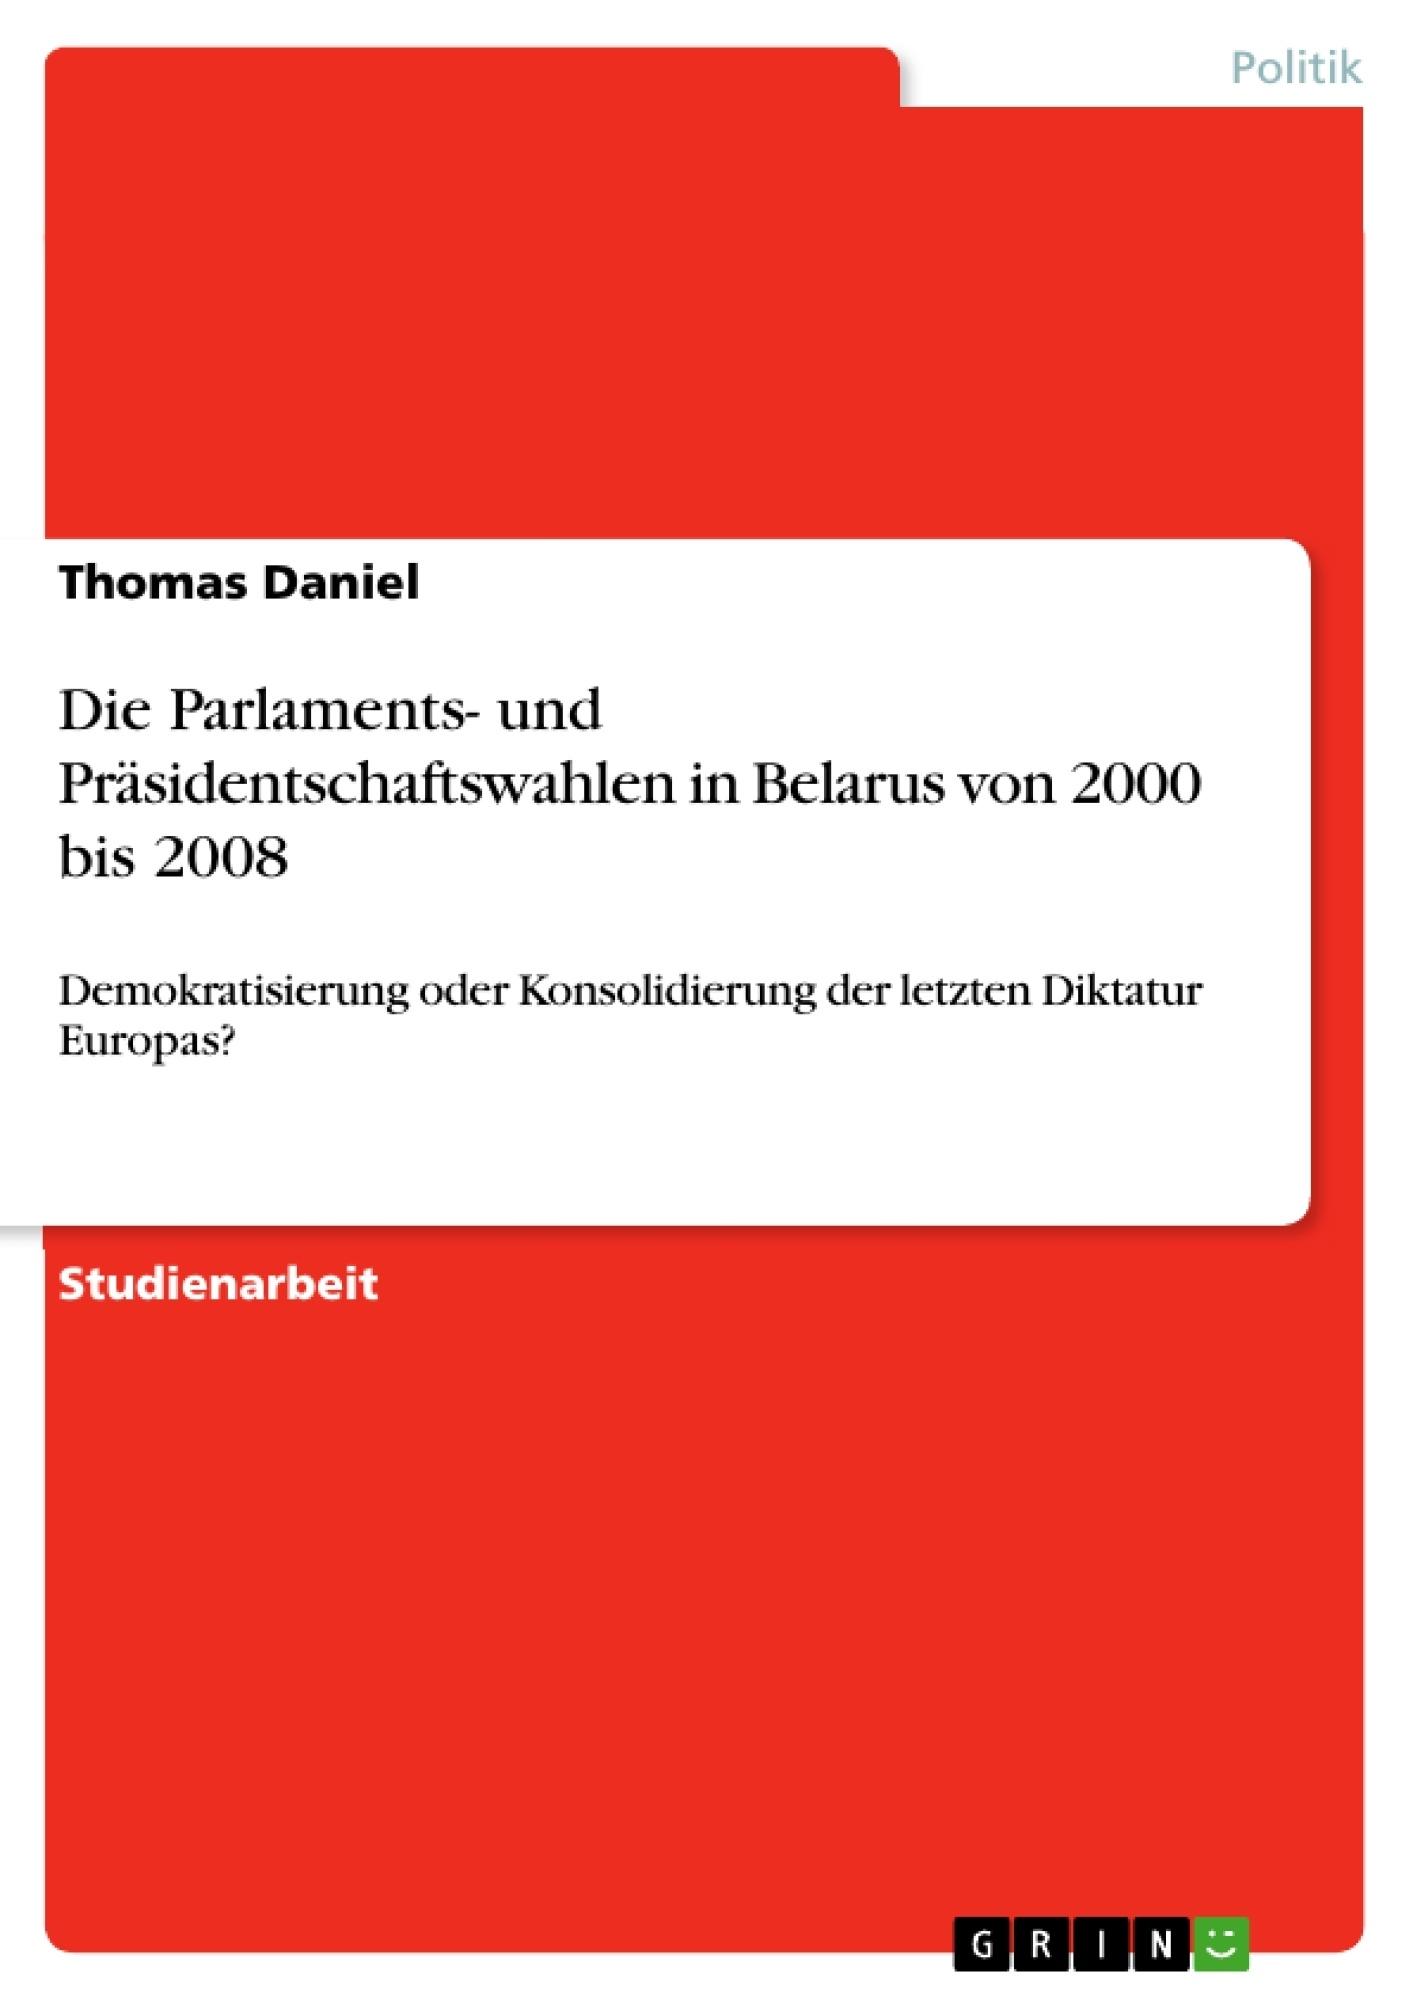 Titel: Die Parlaments- und Präsidentschaftswahlen in Belarus von 2000 bis 2008